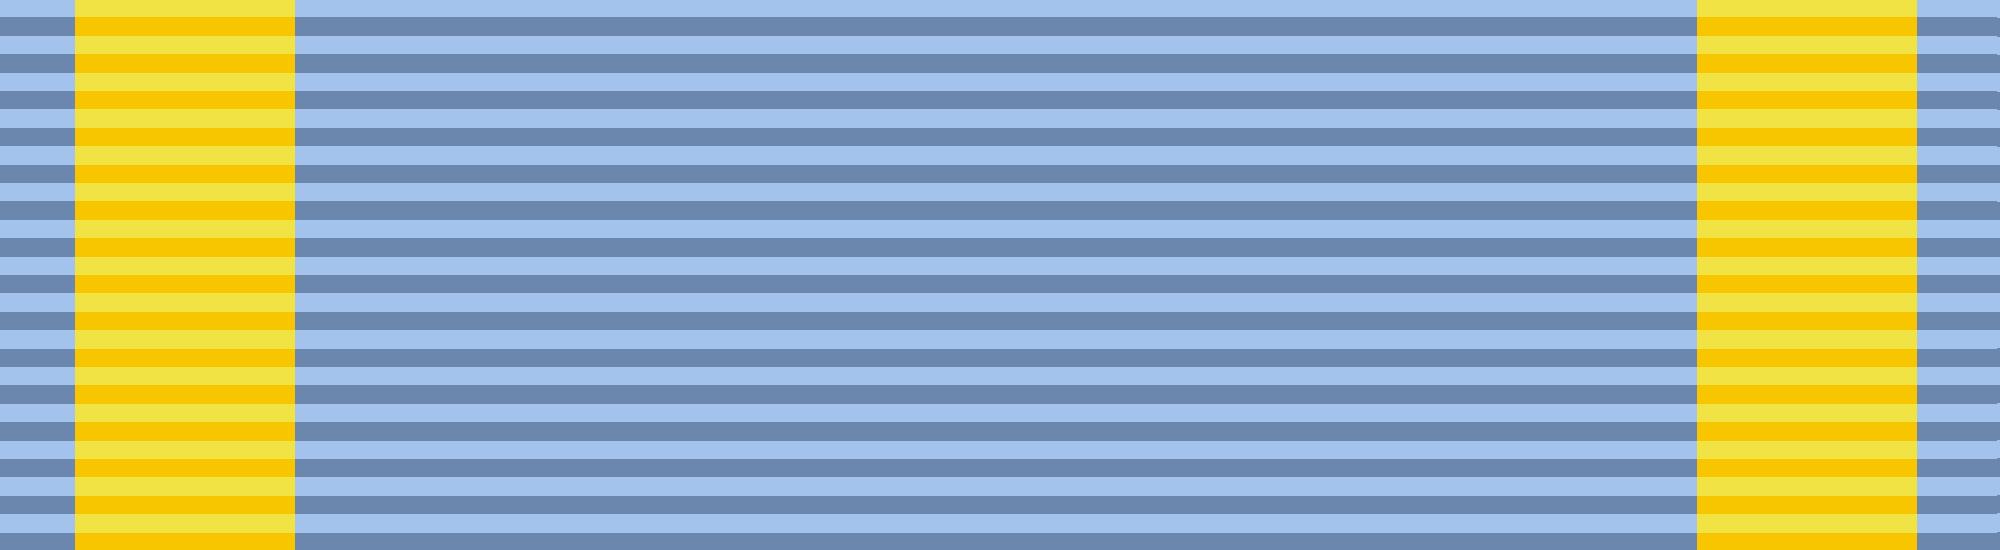 Орден Князя Ярослава Мудрого ІІІ степени